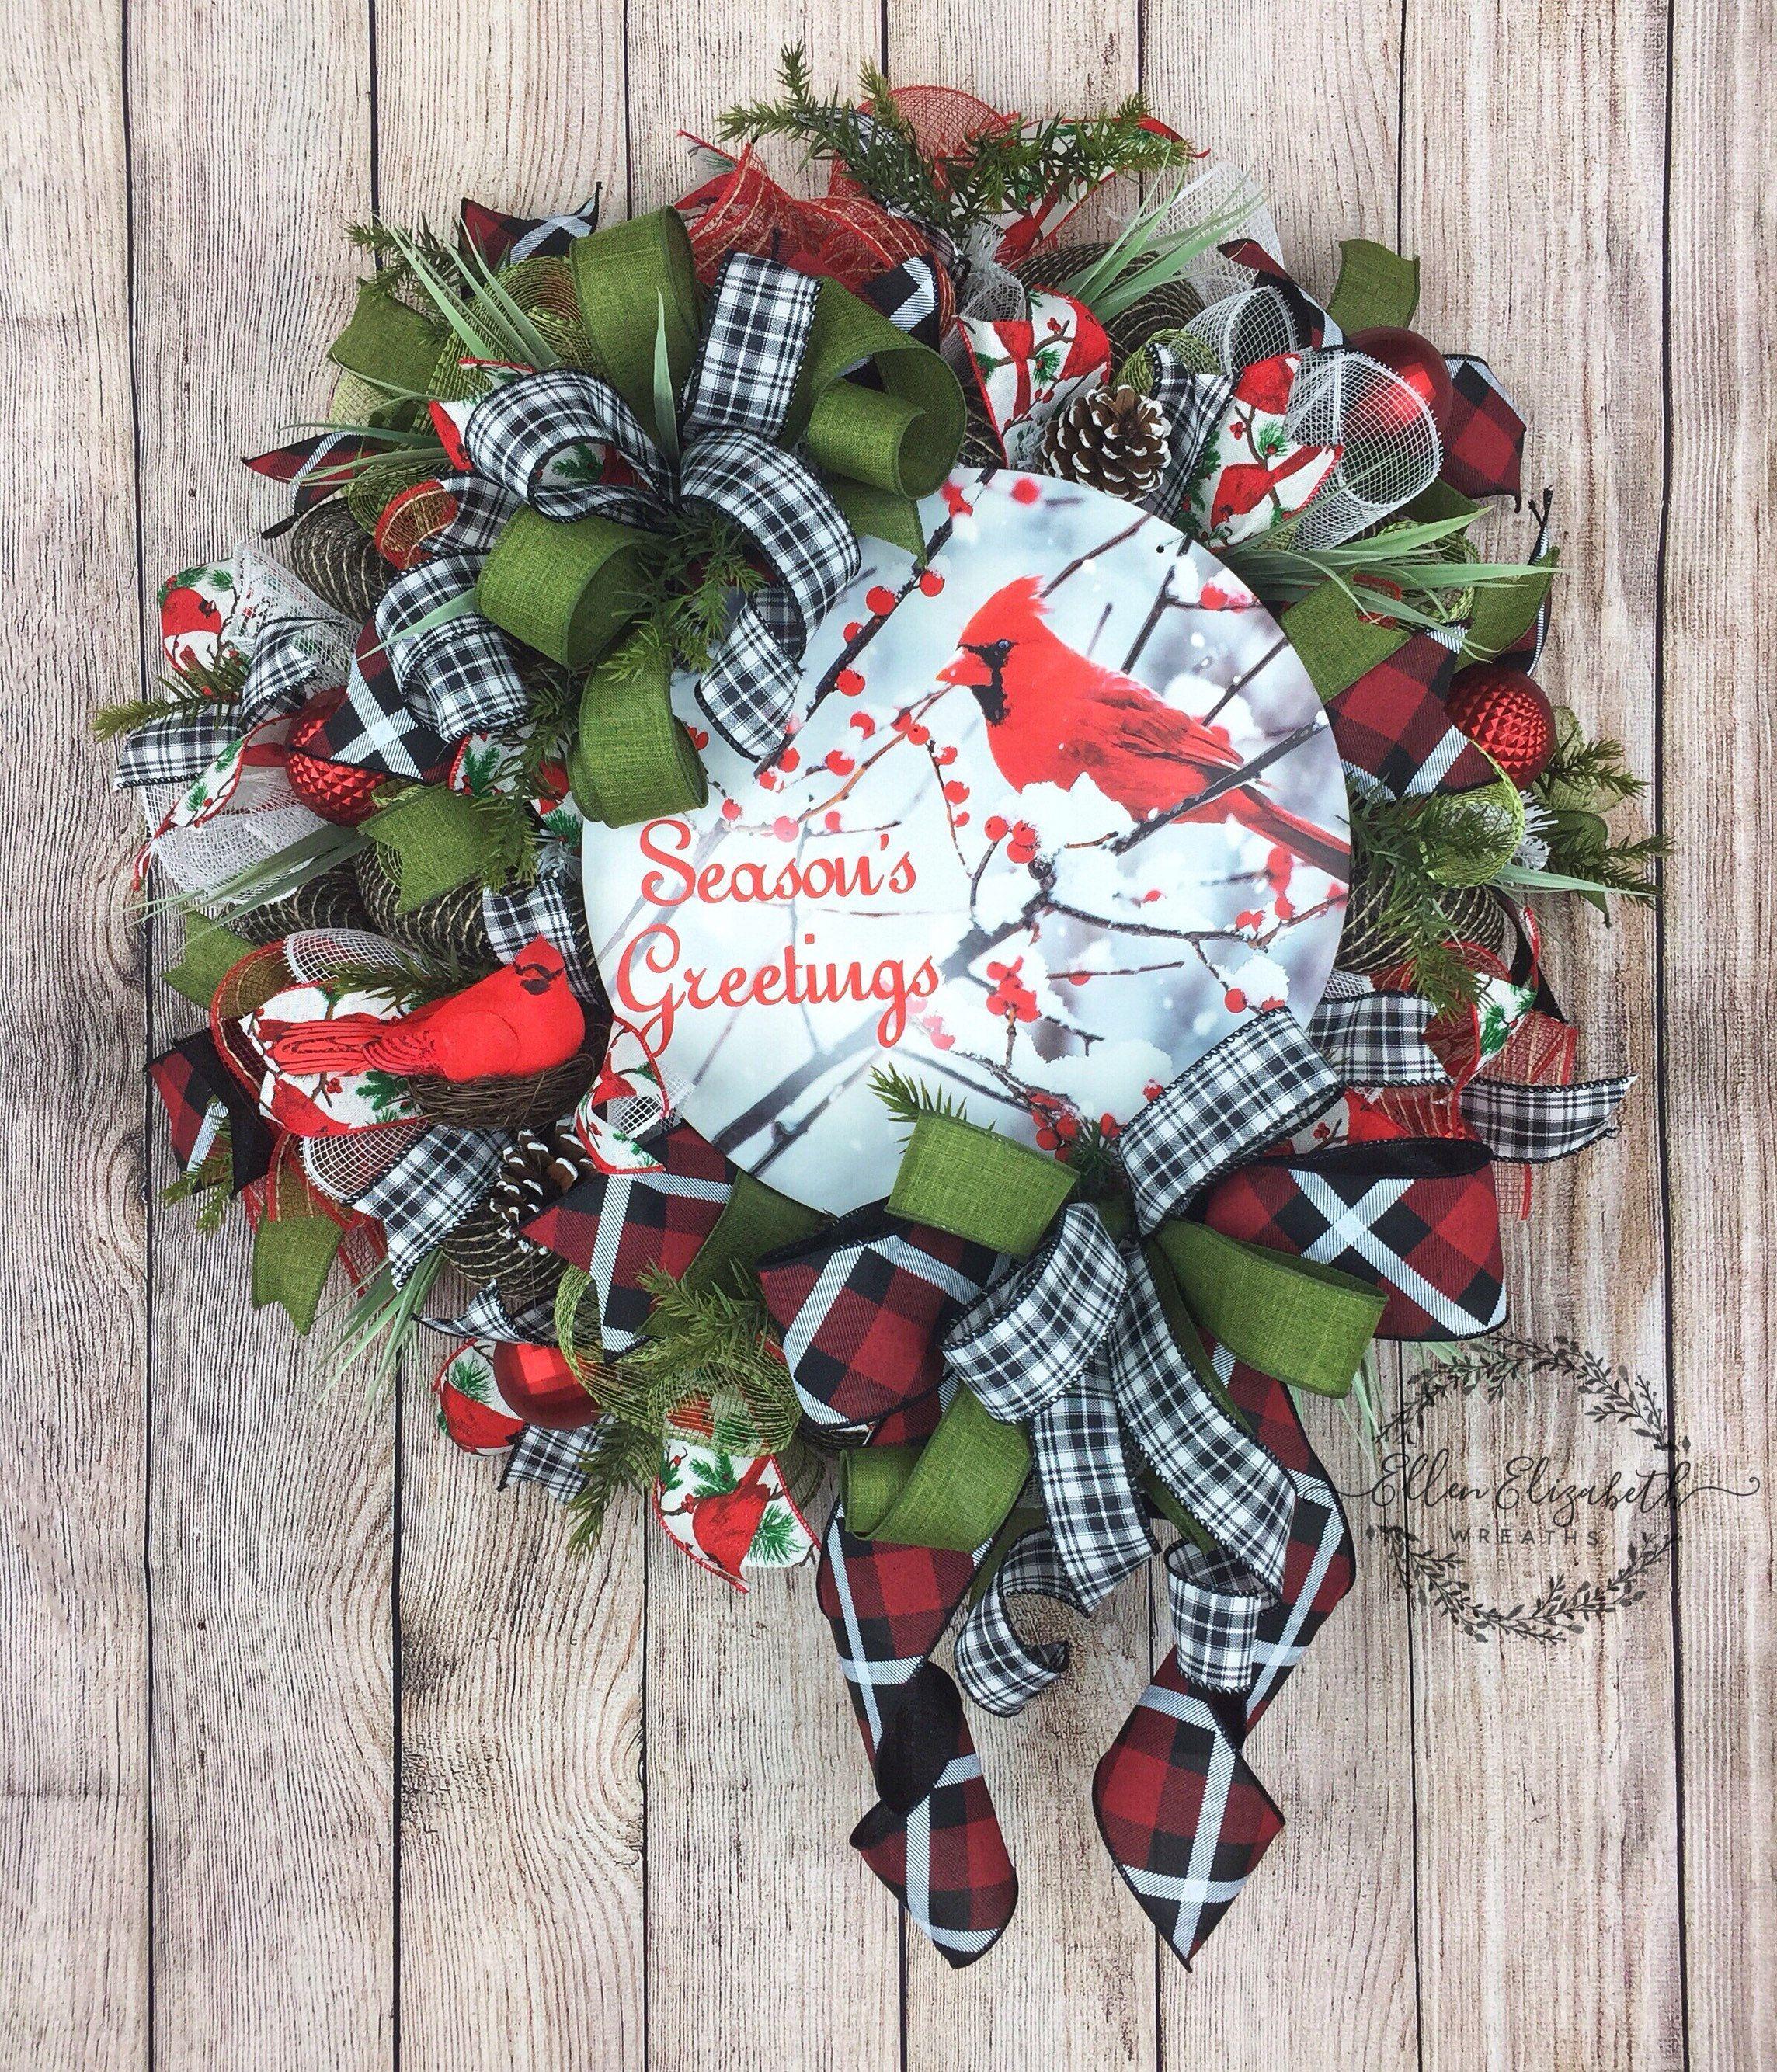 Cardinal Wreath Christmas Wreath Holiday Wreaths Mesh Etsy Christmas Mesh Wreaths Christmas Wreath Craft Christmas Wreaths